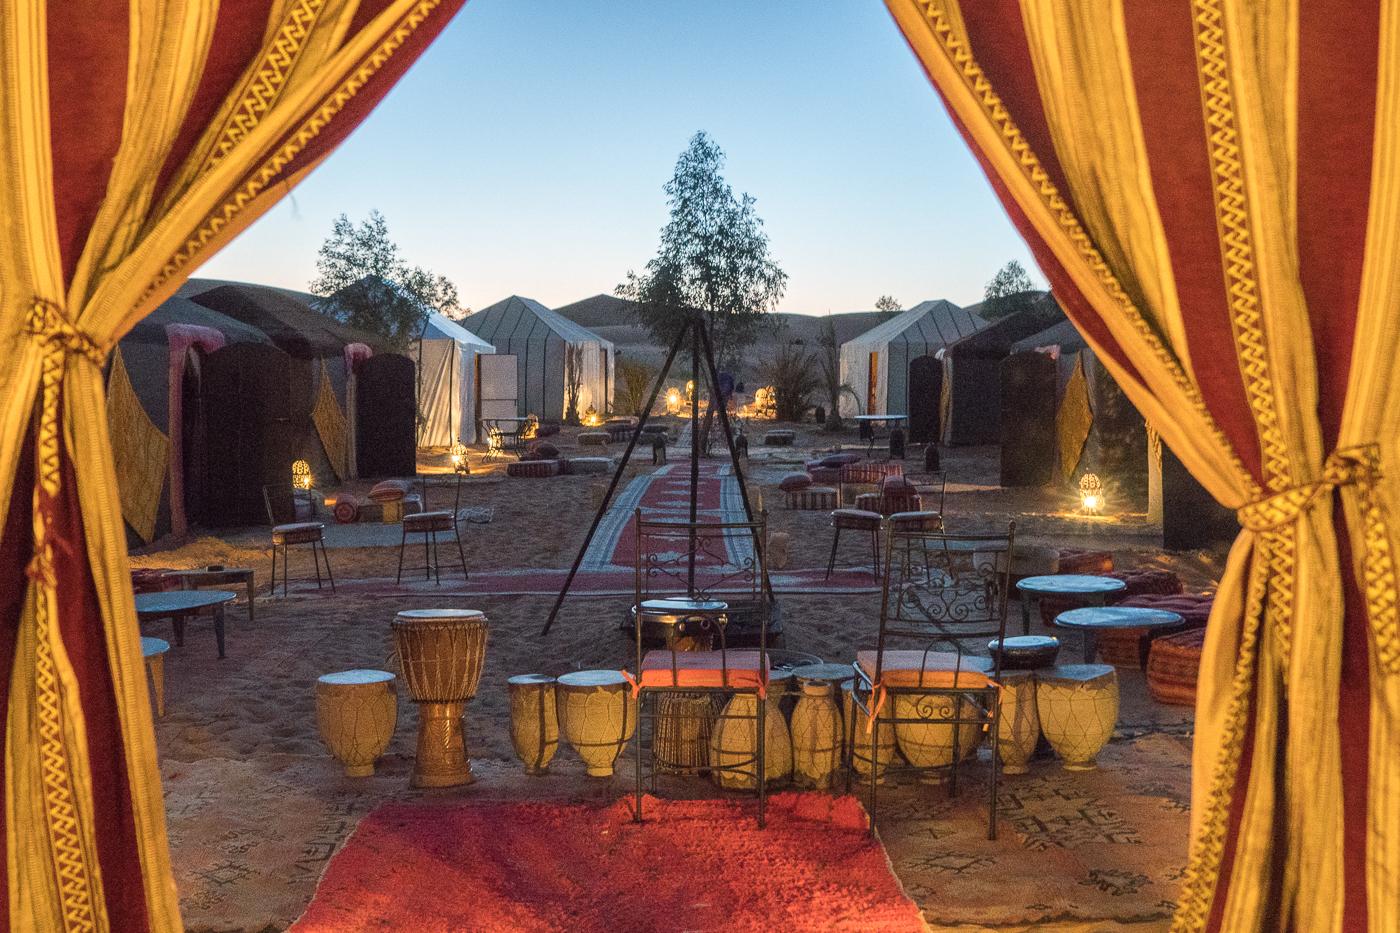 vue de la tente du bivouac Azawad - Nuit dans le désert du Sahara à Merzouga au Maroc